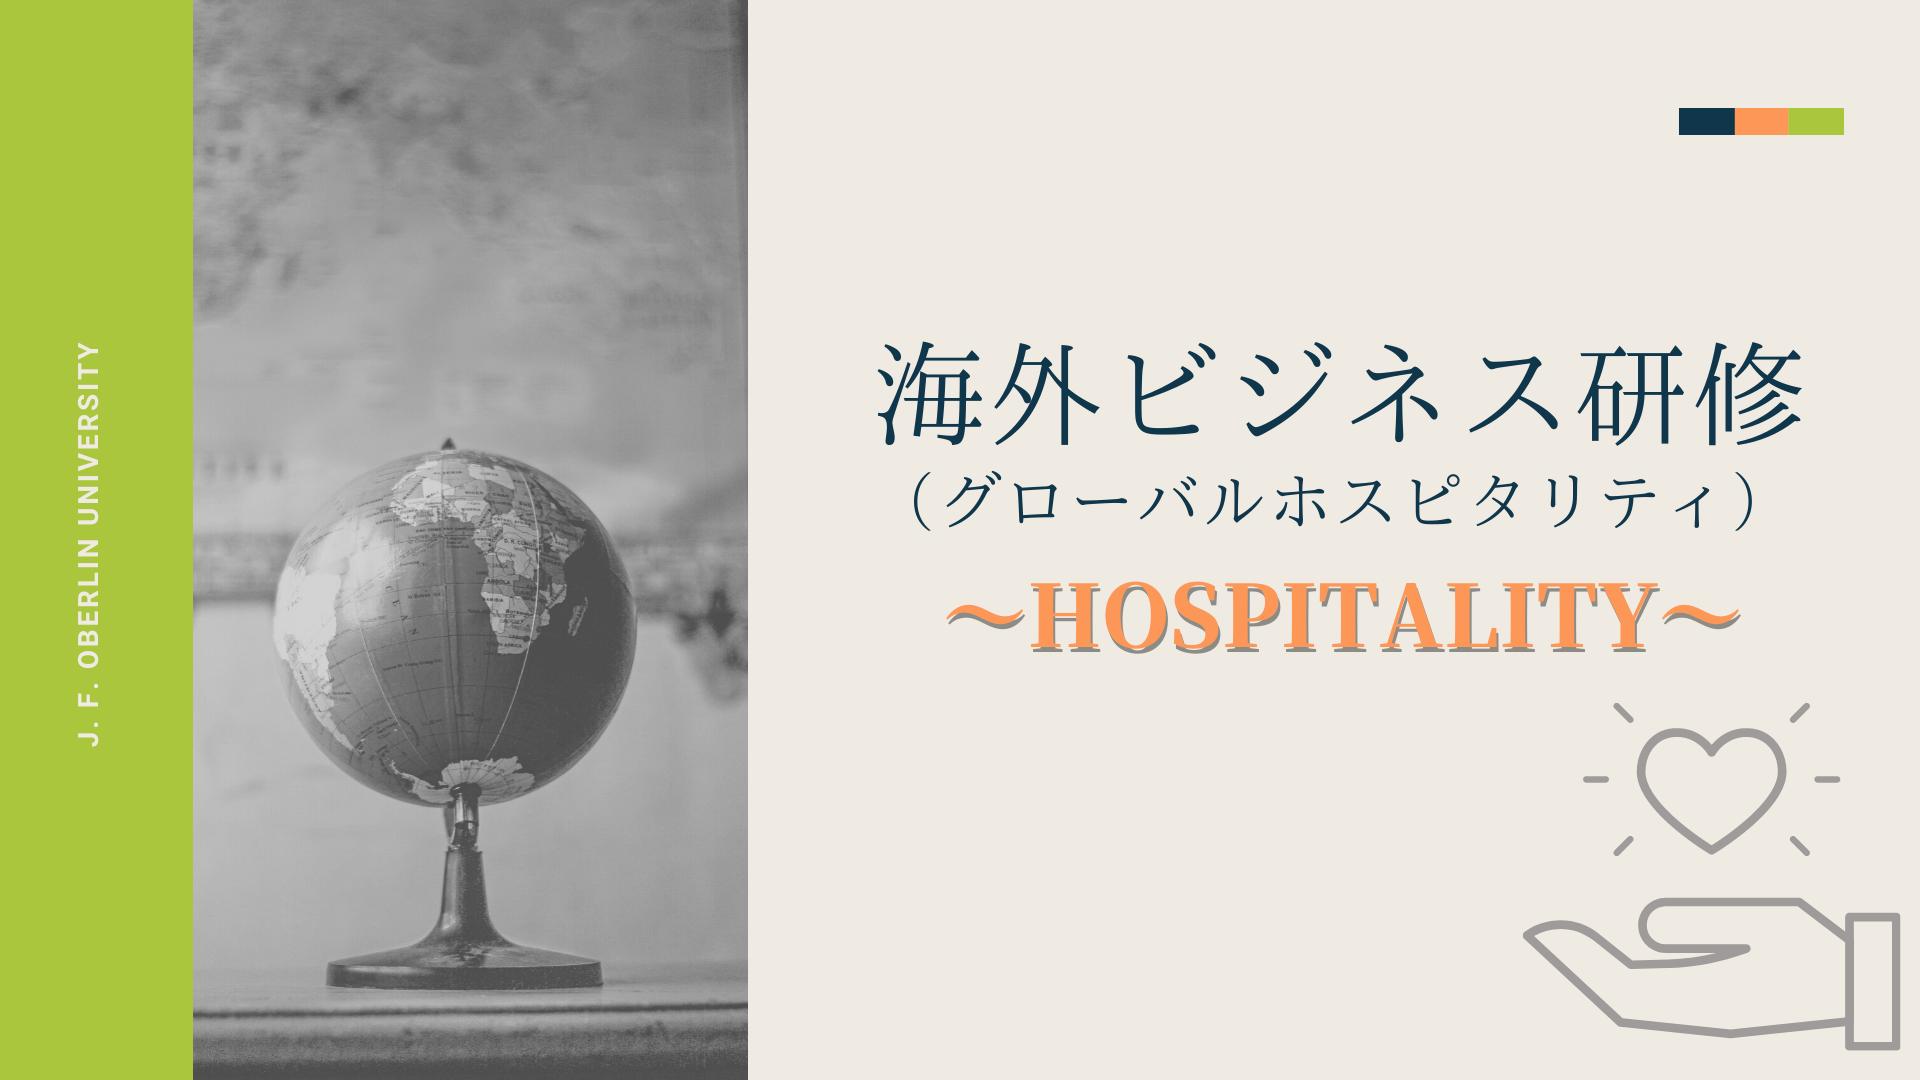 【説明会開催】海外ビジネス研修(グローバルホスピタリティ)